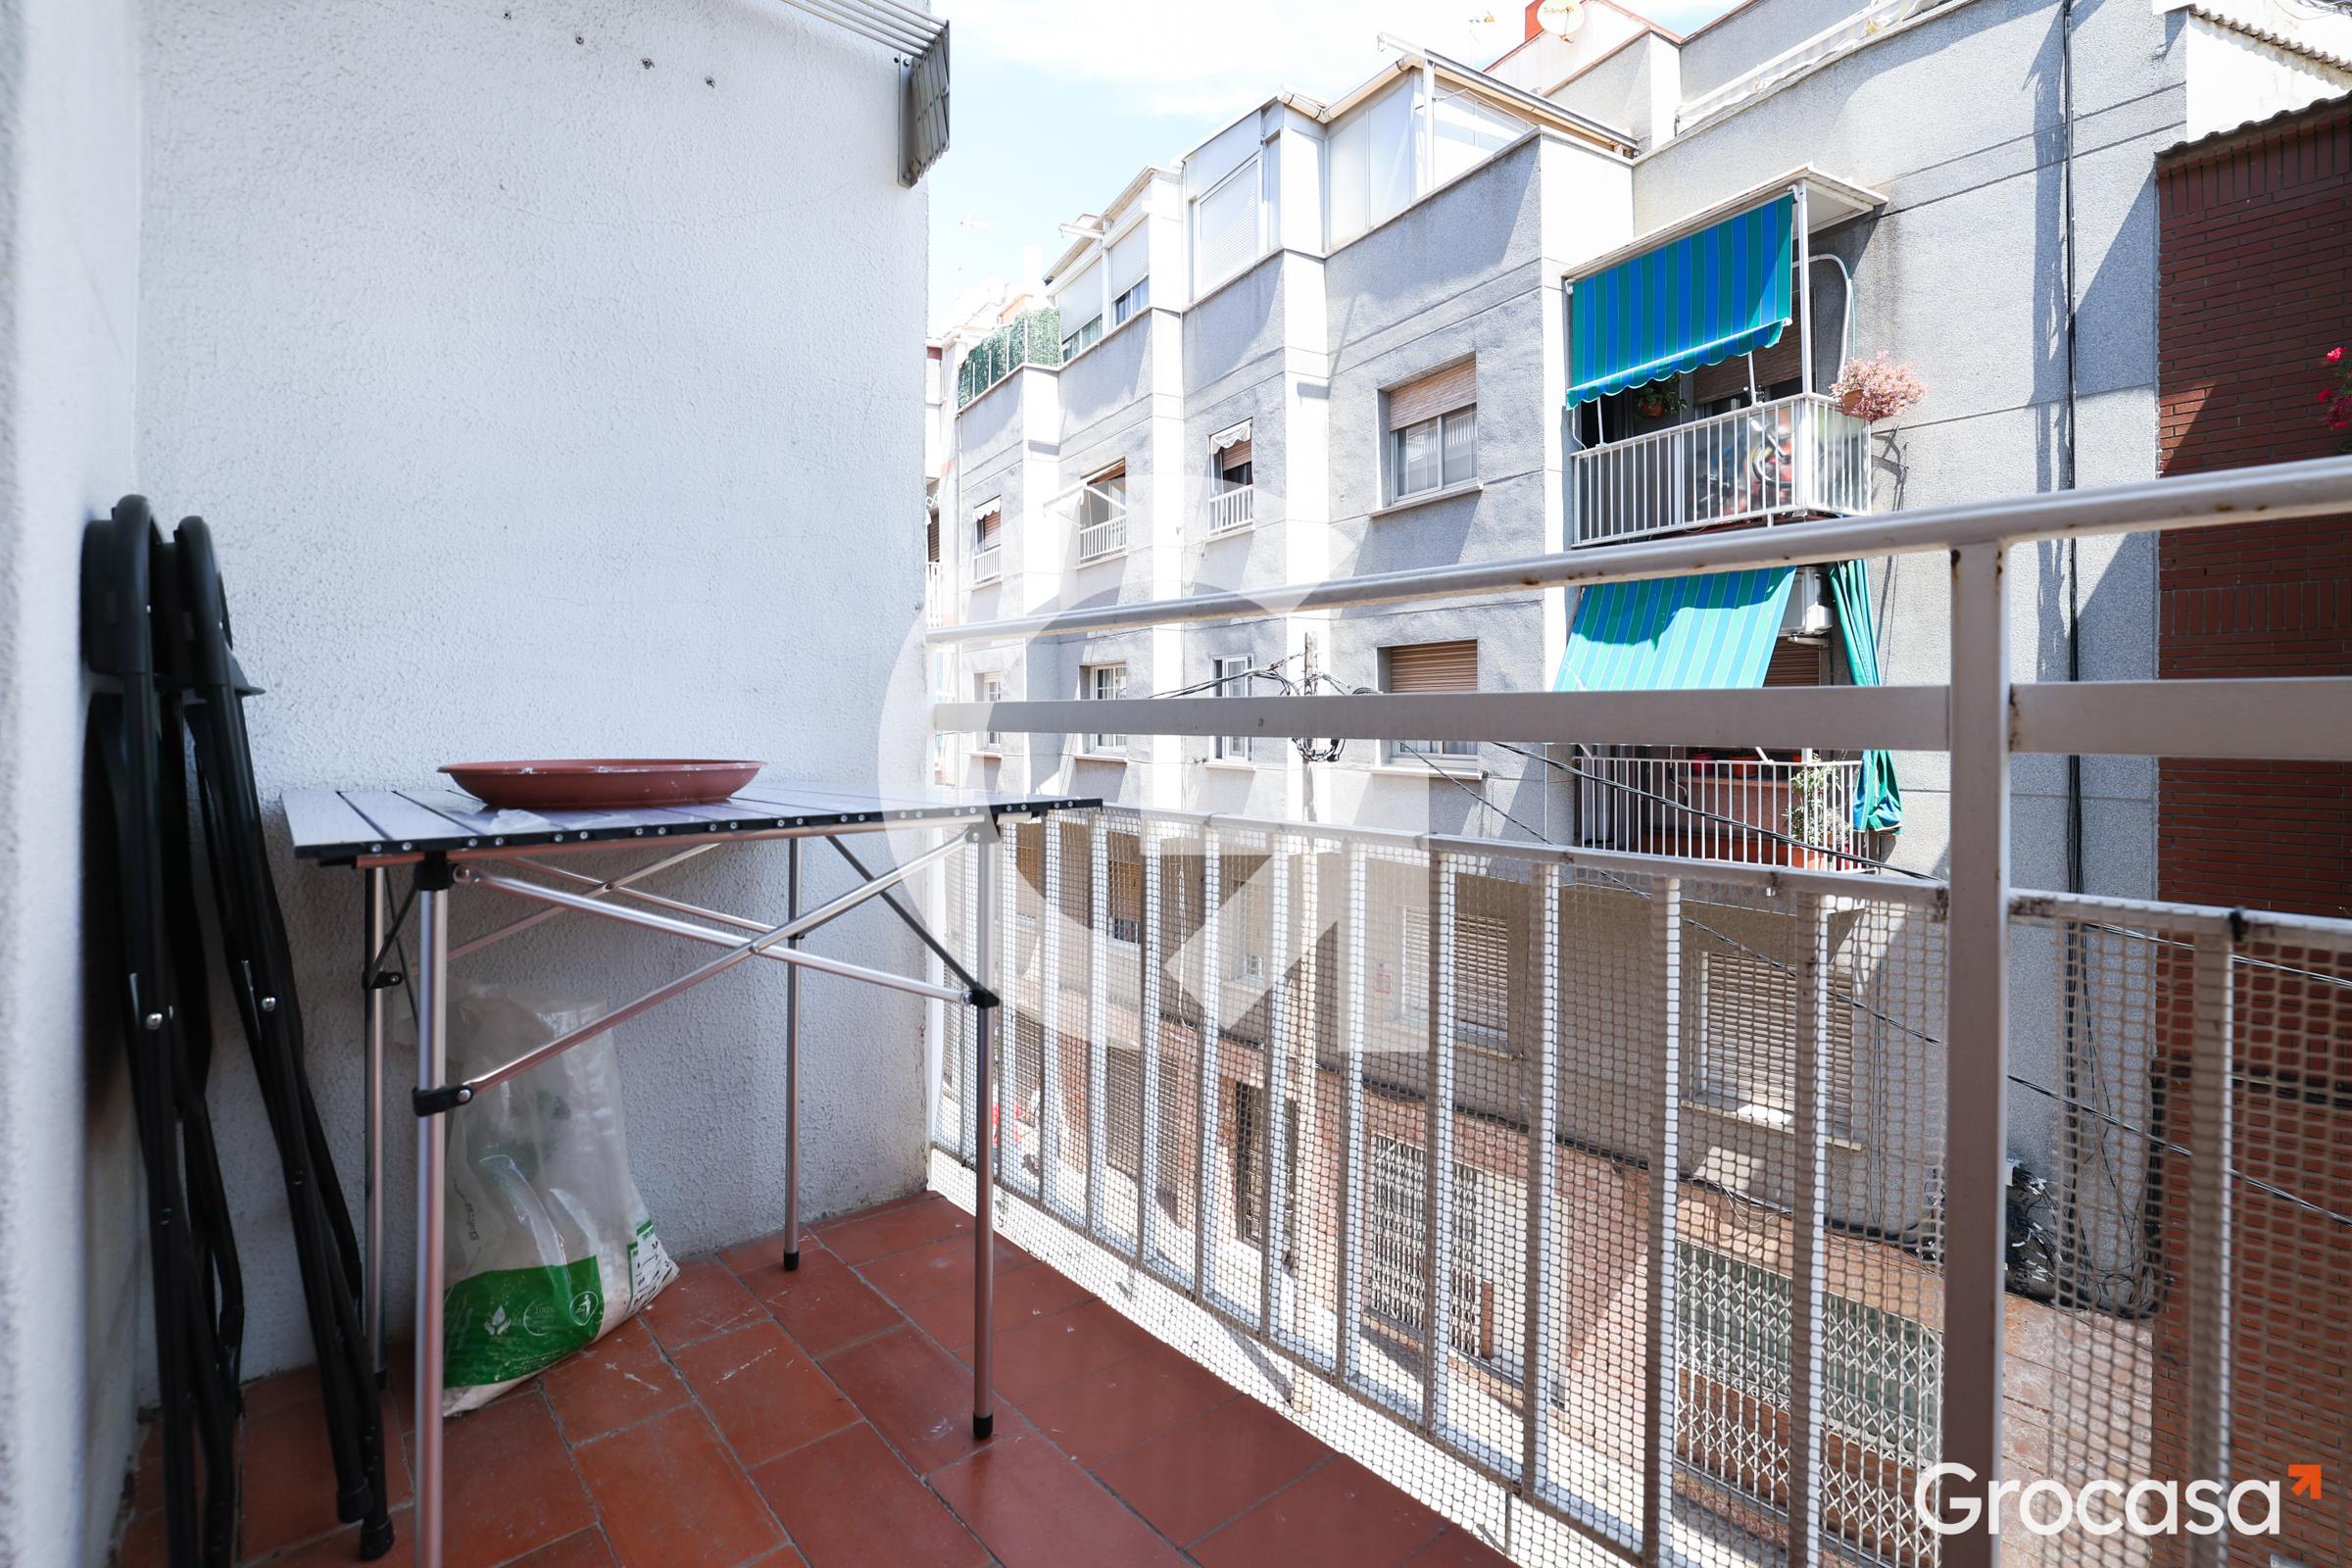 Piso en MolÍ nou - coop. en Sant Boi de Llobregat en Venta por 149.000€